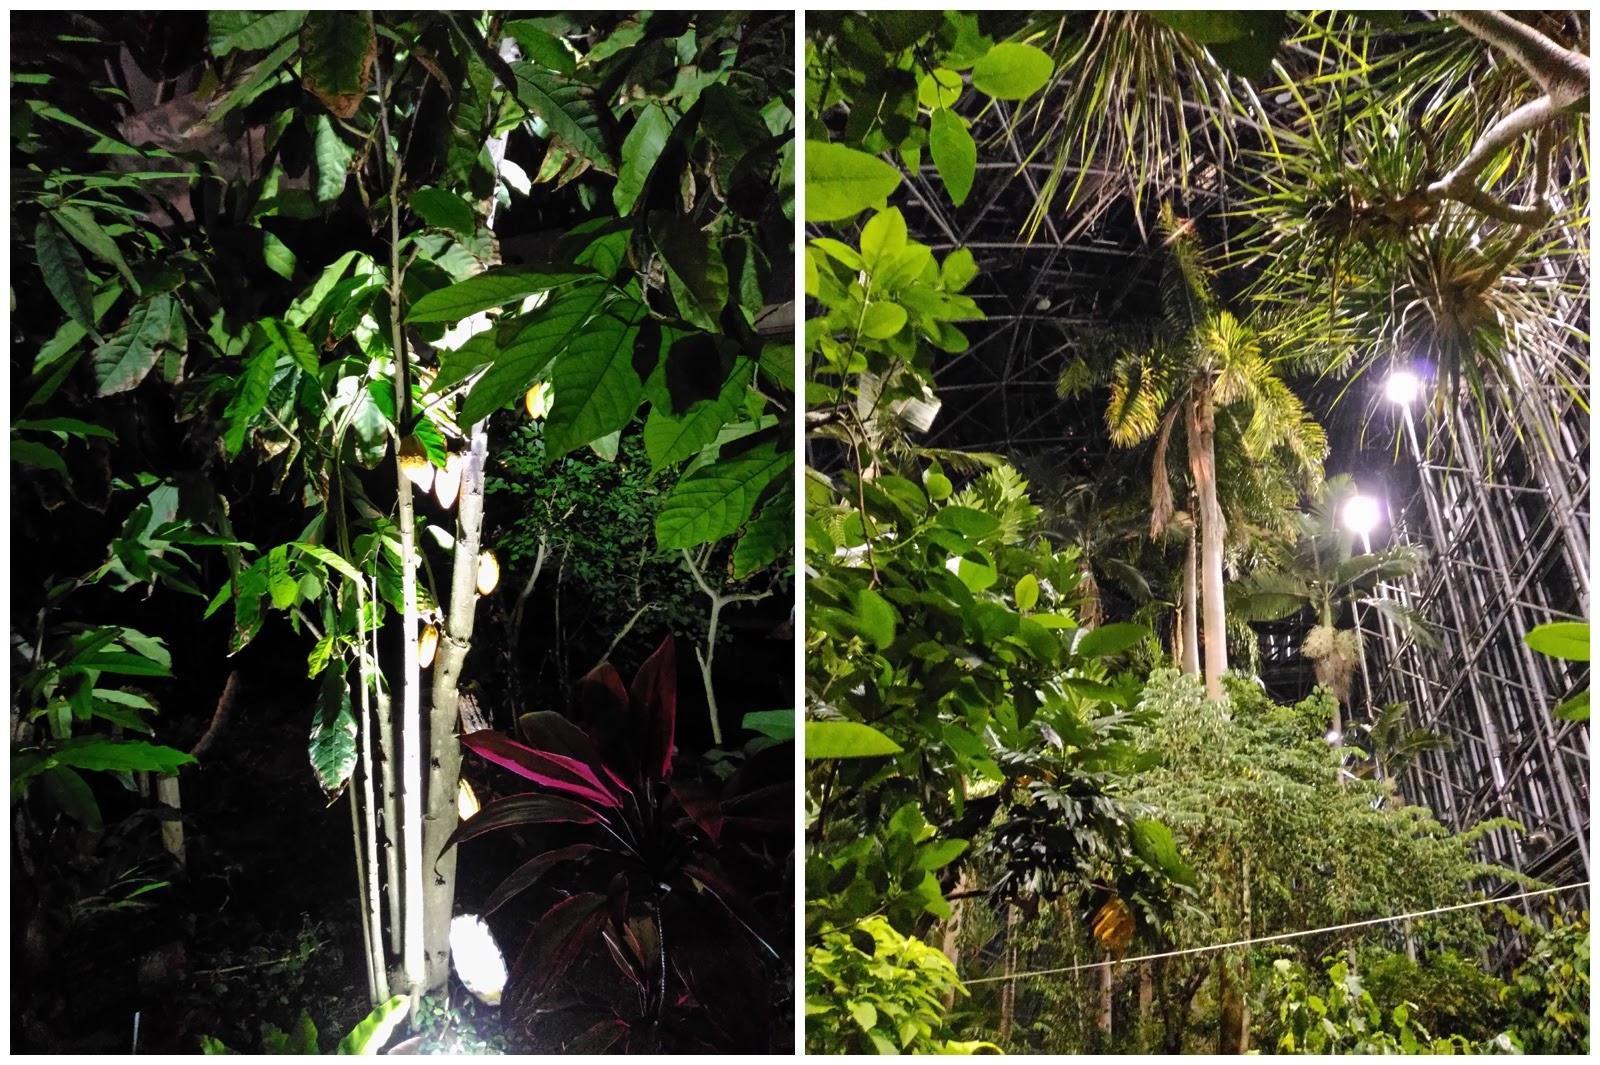 0980-201508_Yumenoshima Tropical Greenhouse Dome 07